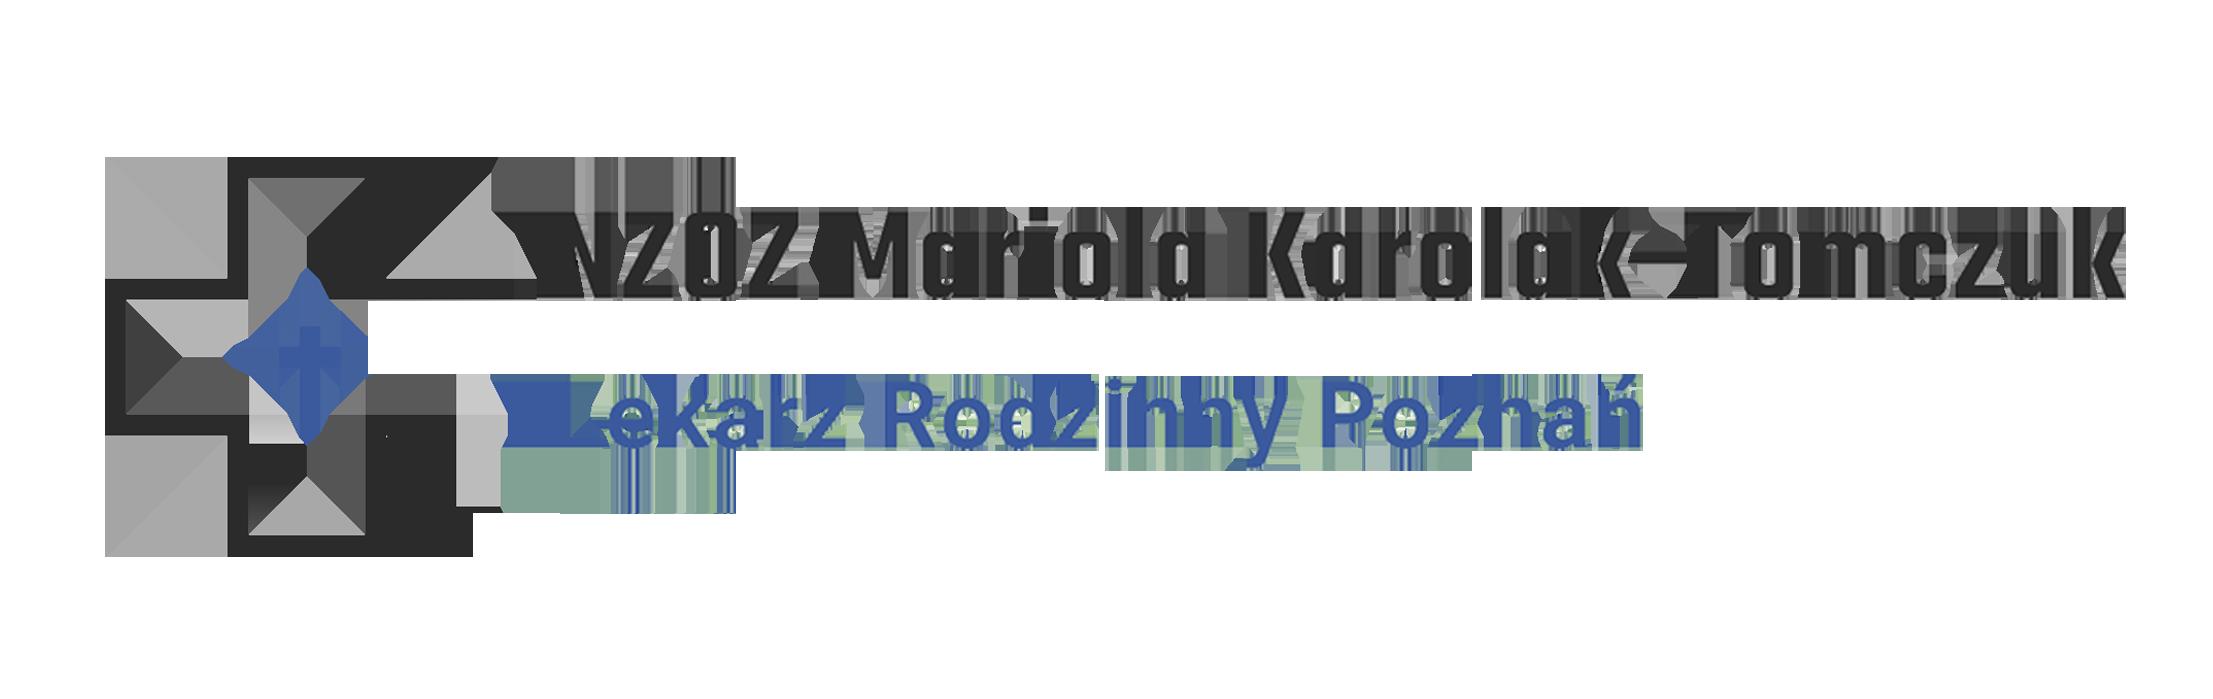 Lekarz Rodzinny Poznań